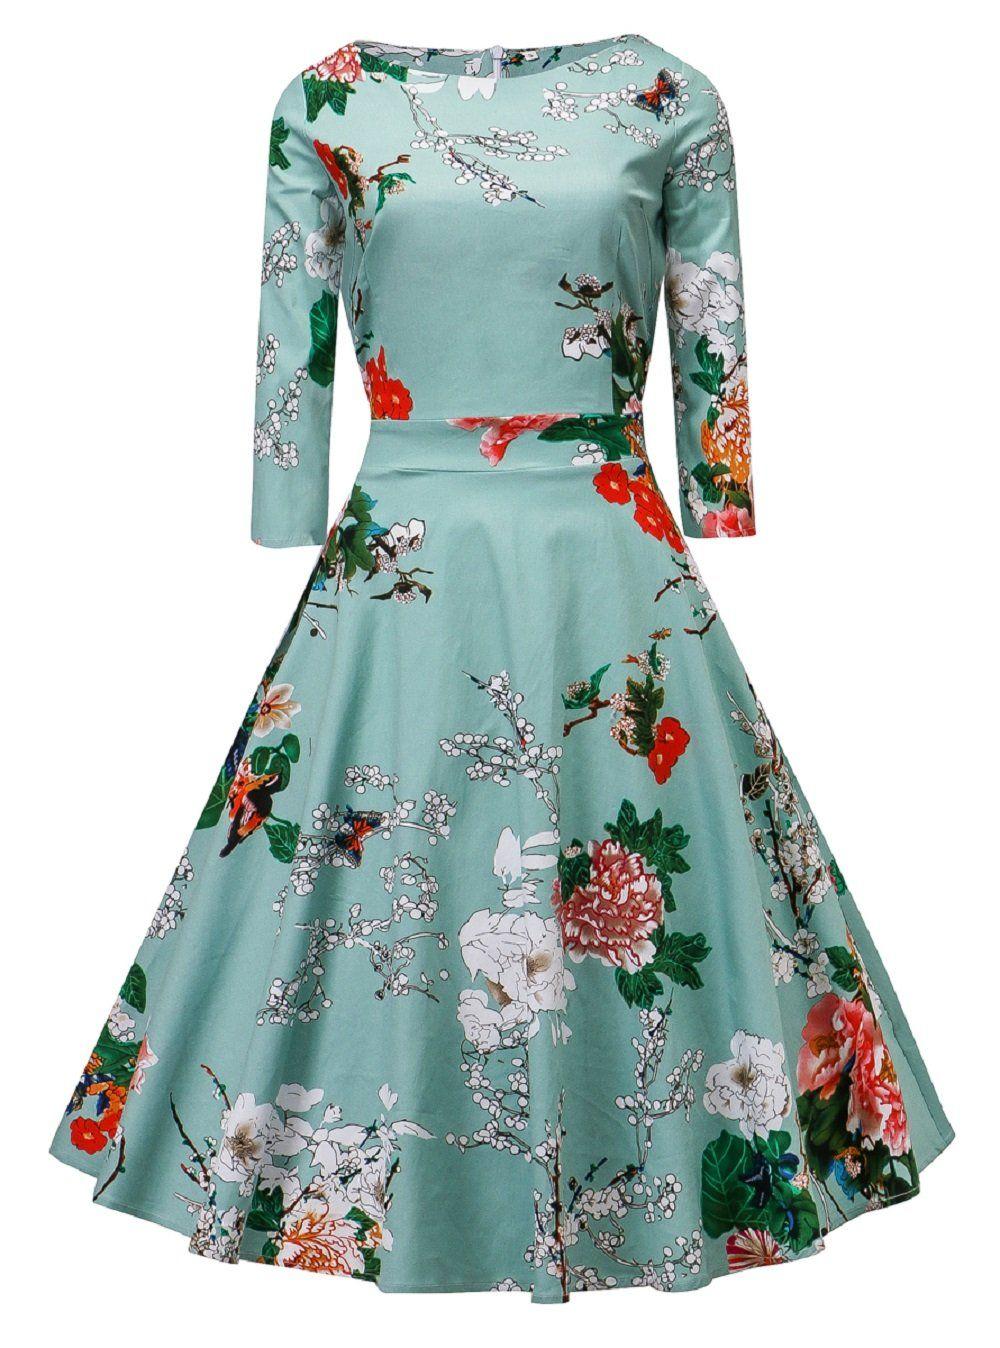 VOGUEMAX Vintage Dress Women Floral Half Sleeve Elegant Cocktail ...